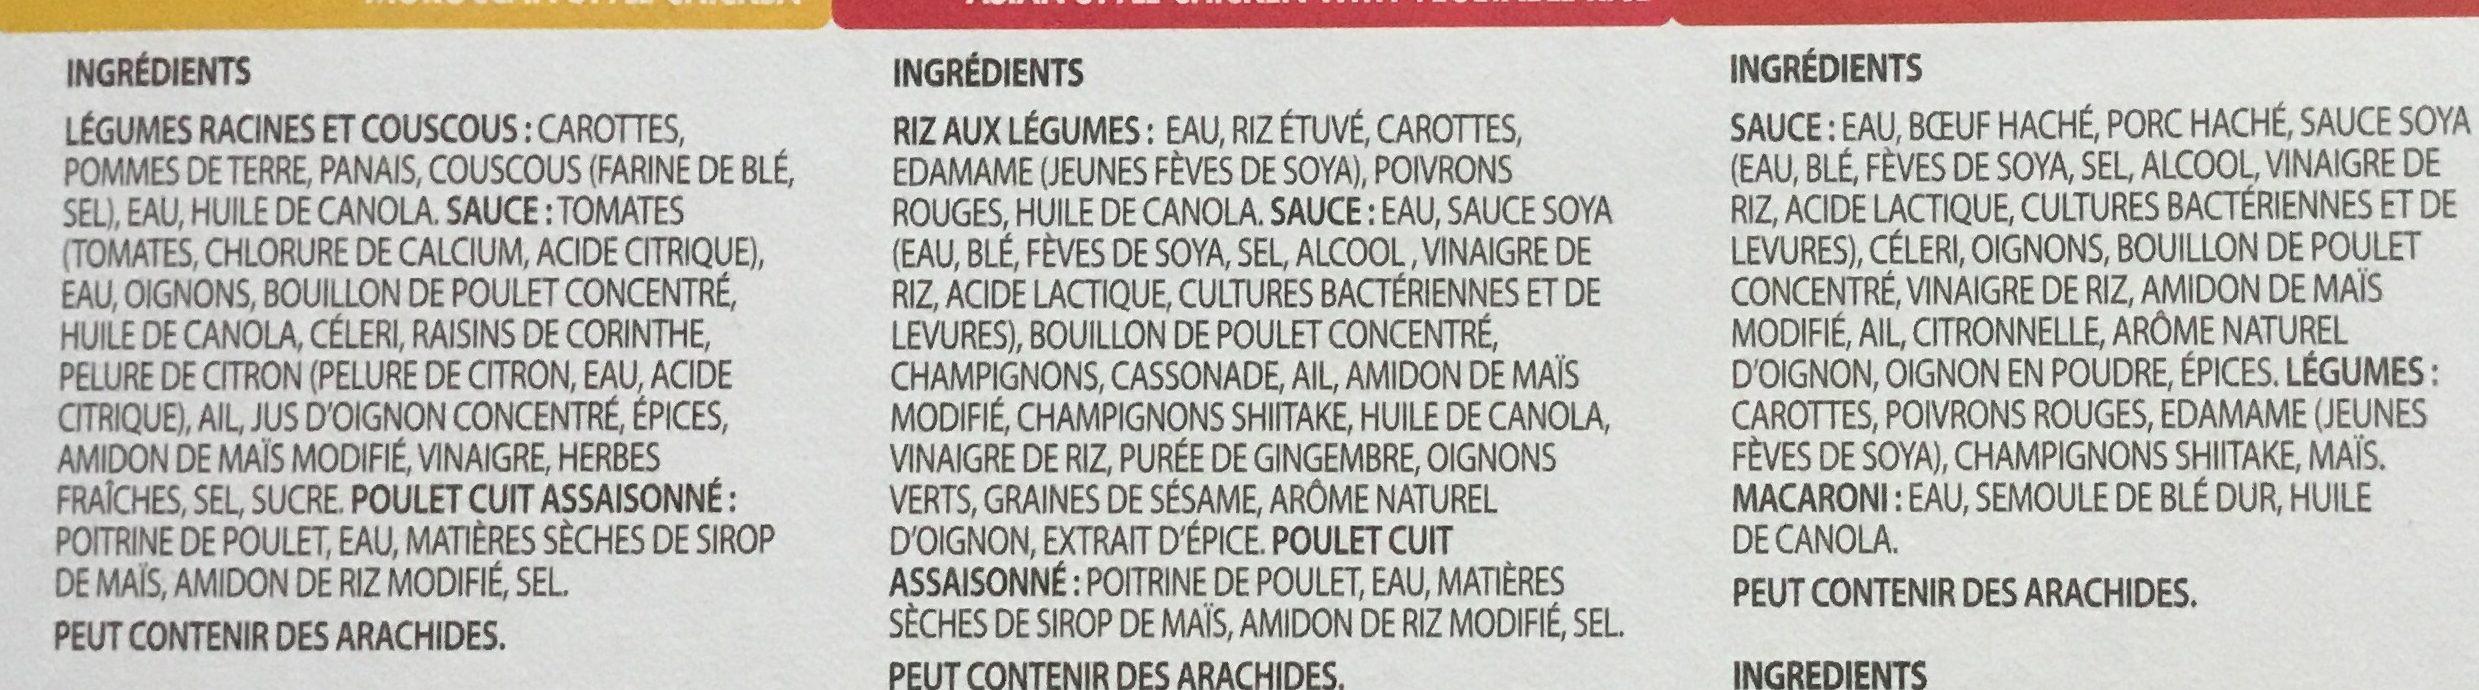 Mon coffret santé Kilo solution - Ingredients - fr